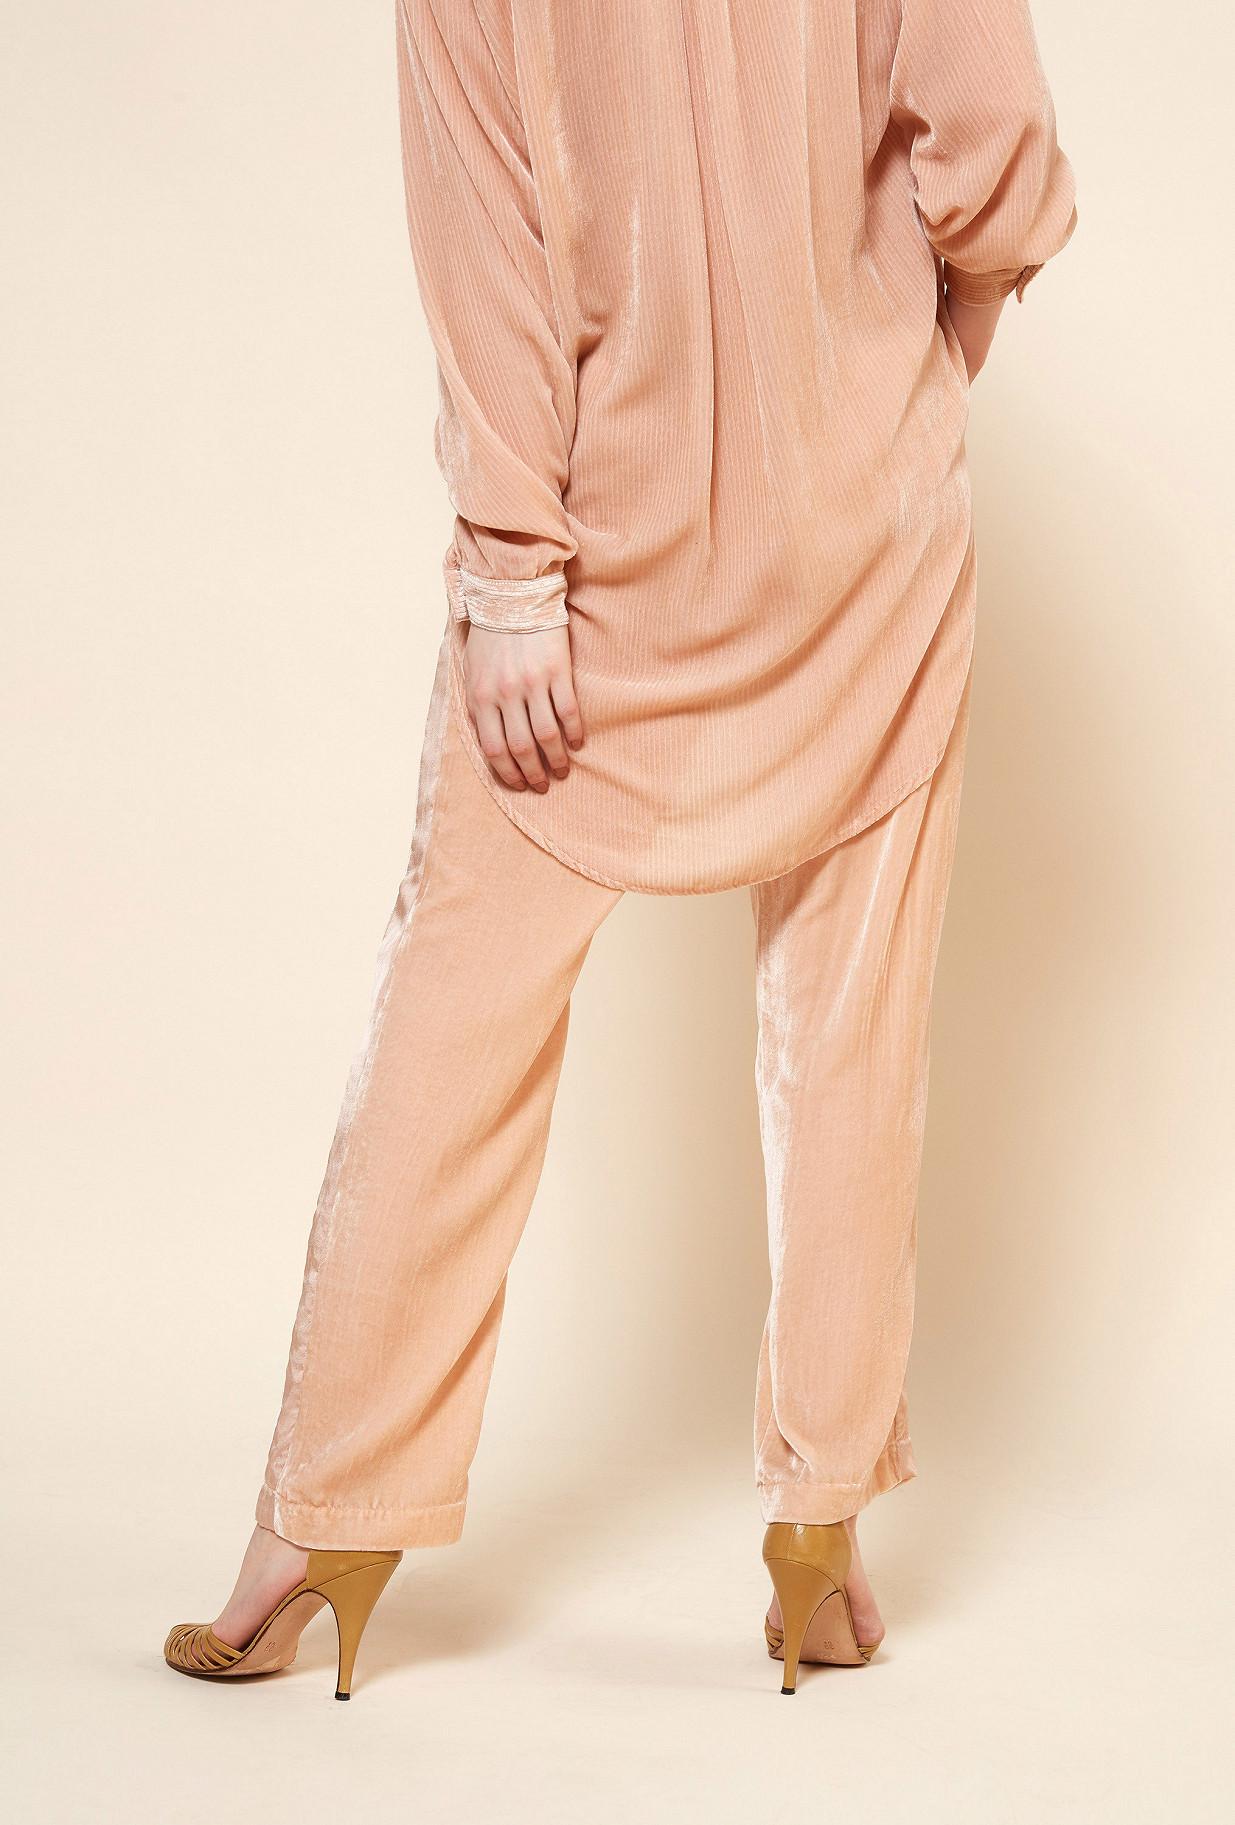 Paris clothes store PANT  Dietrich french designer fashion Paris